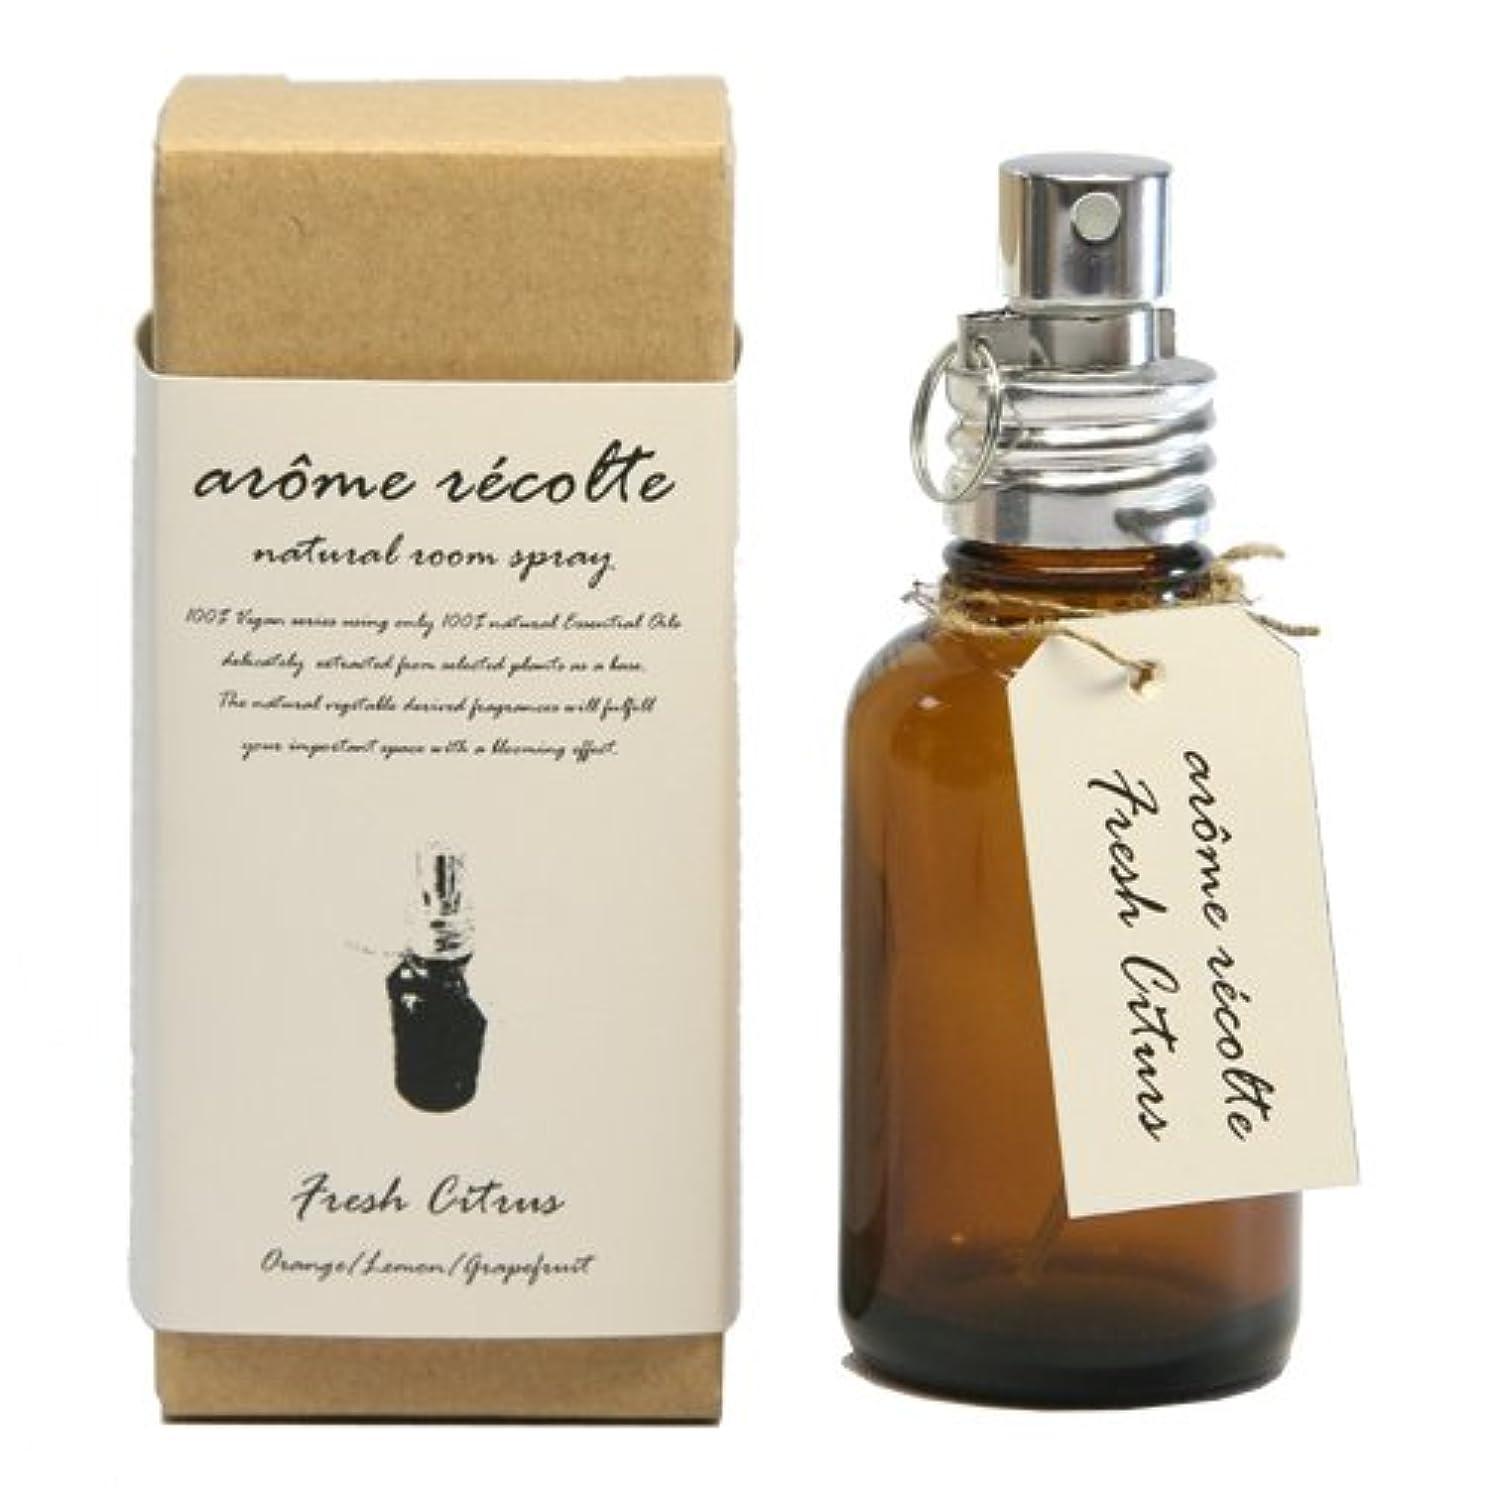 サンダーススノーケル暗くするアロマレコルト ナチュラルルームスプレー  フレッシュシトラス【Fresh Citurs】 arome rcolte